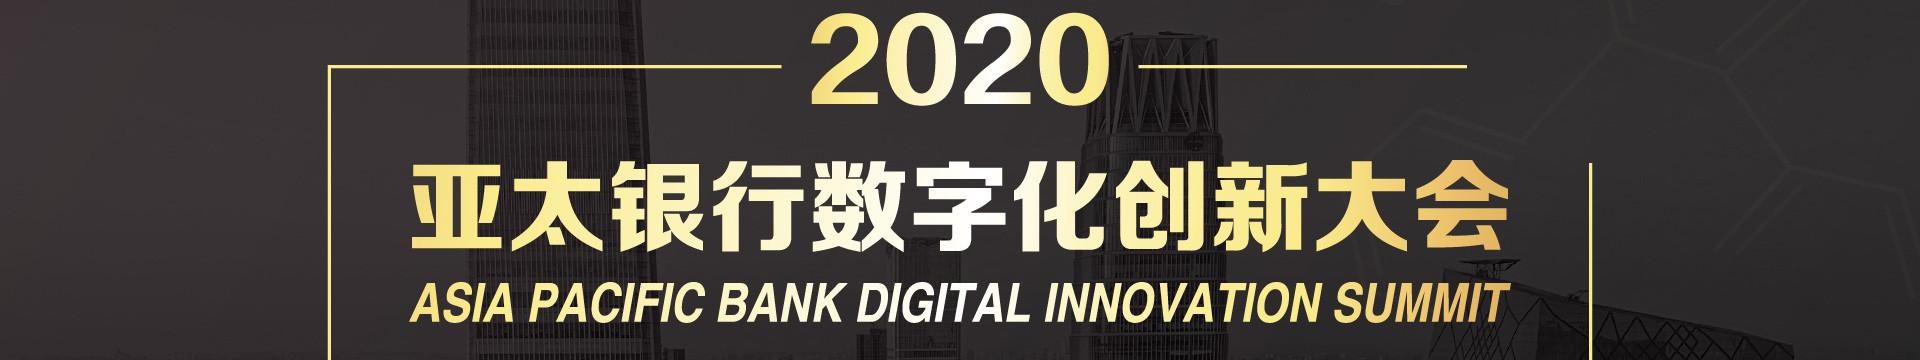 2020亚太银行数字化创新大会